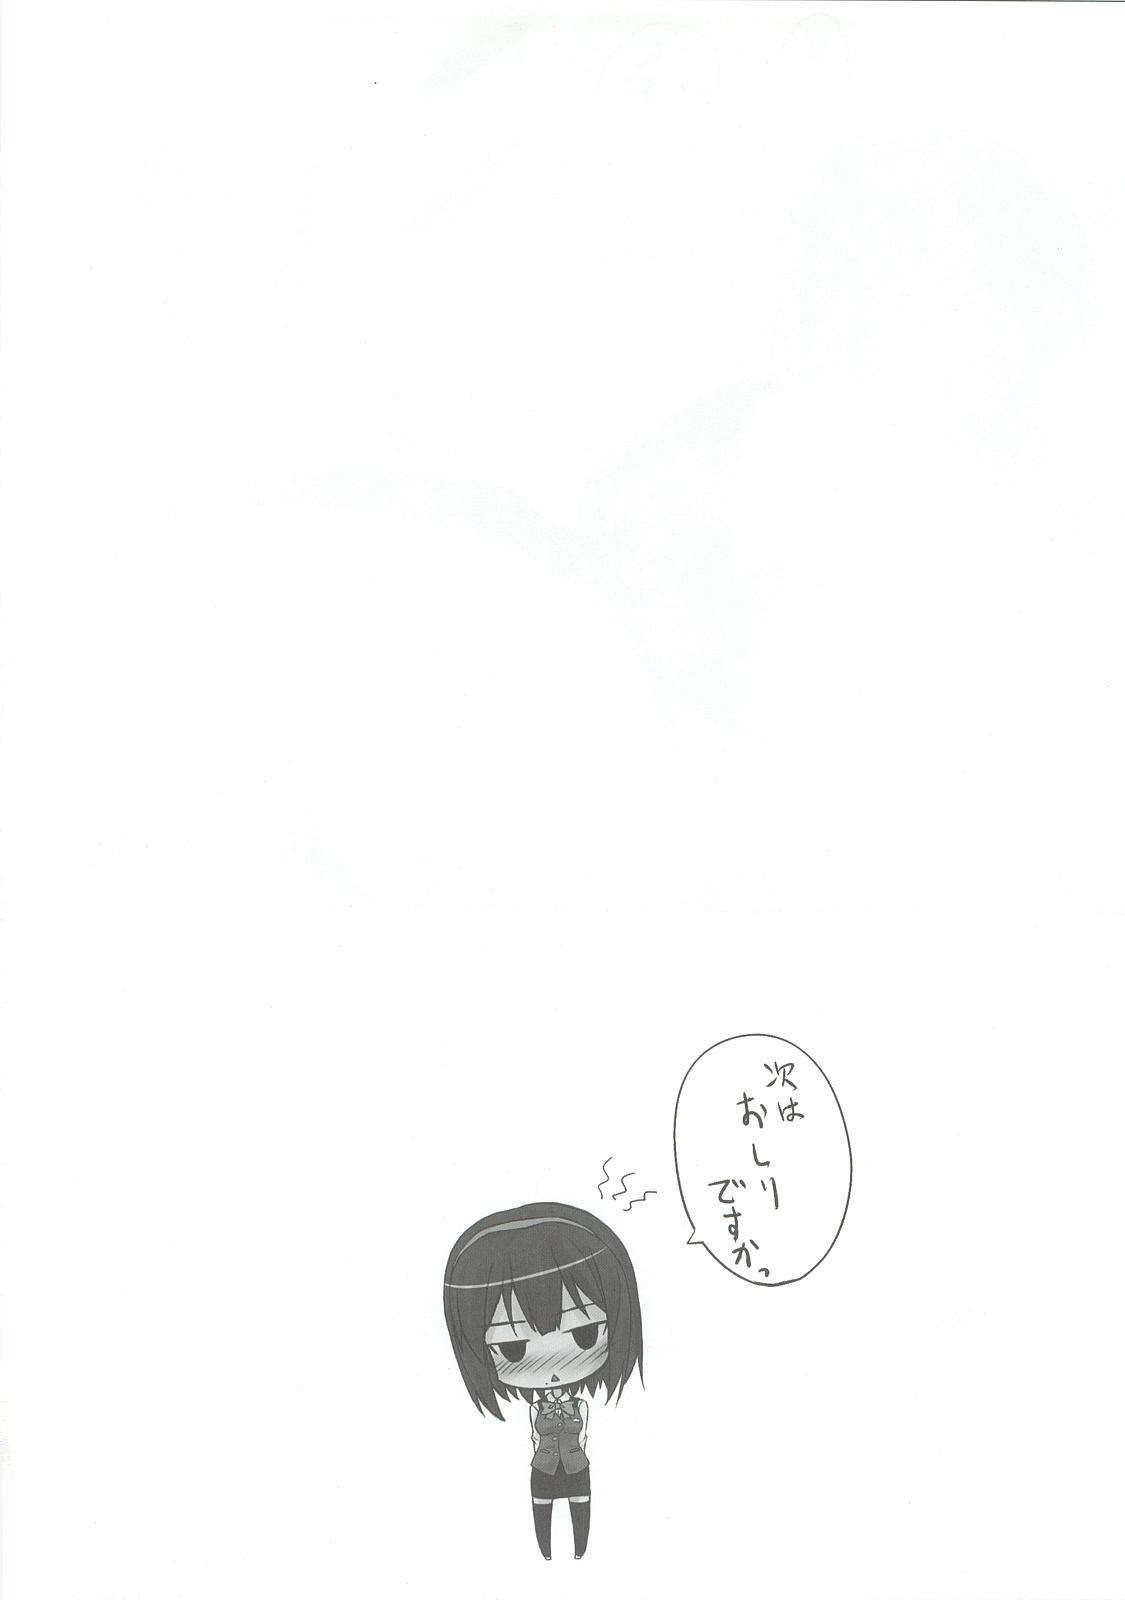 Otonashi Kotori ga Main Heroine ni Naru Kanousei ga Biryuushi Level de Sonzai Shiteiru...? 14